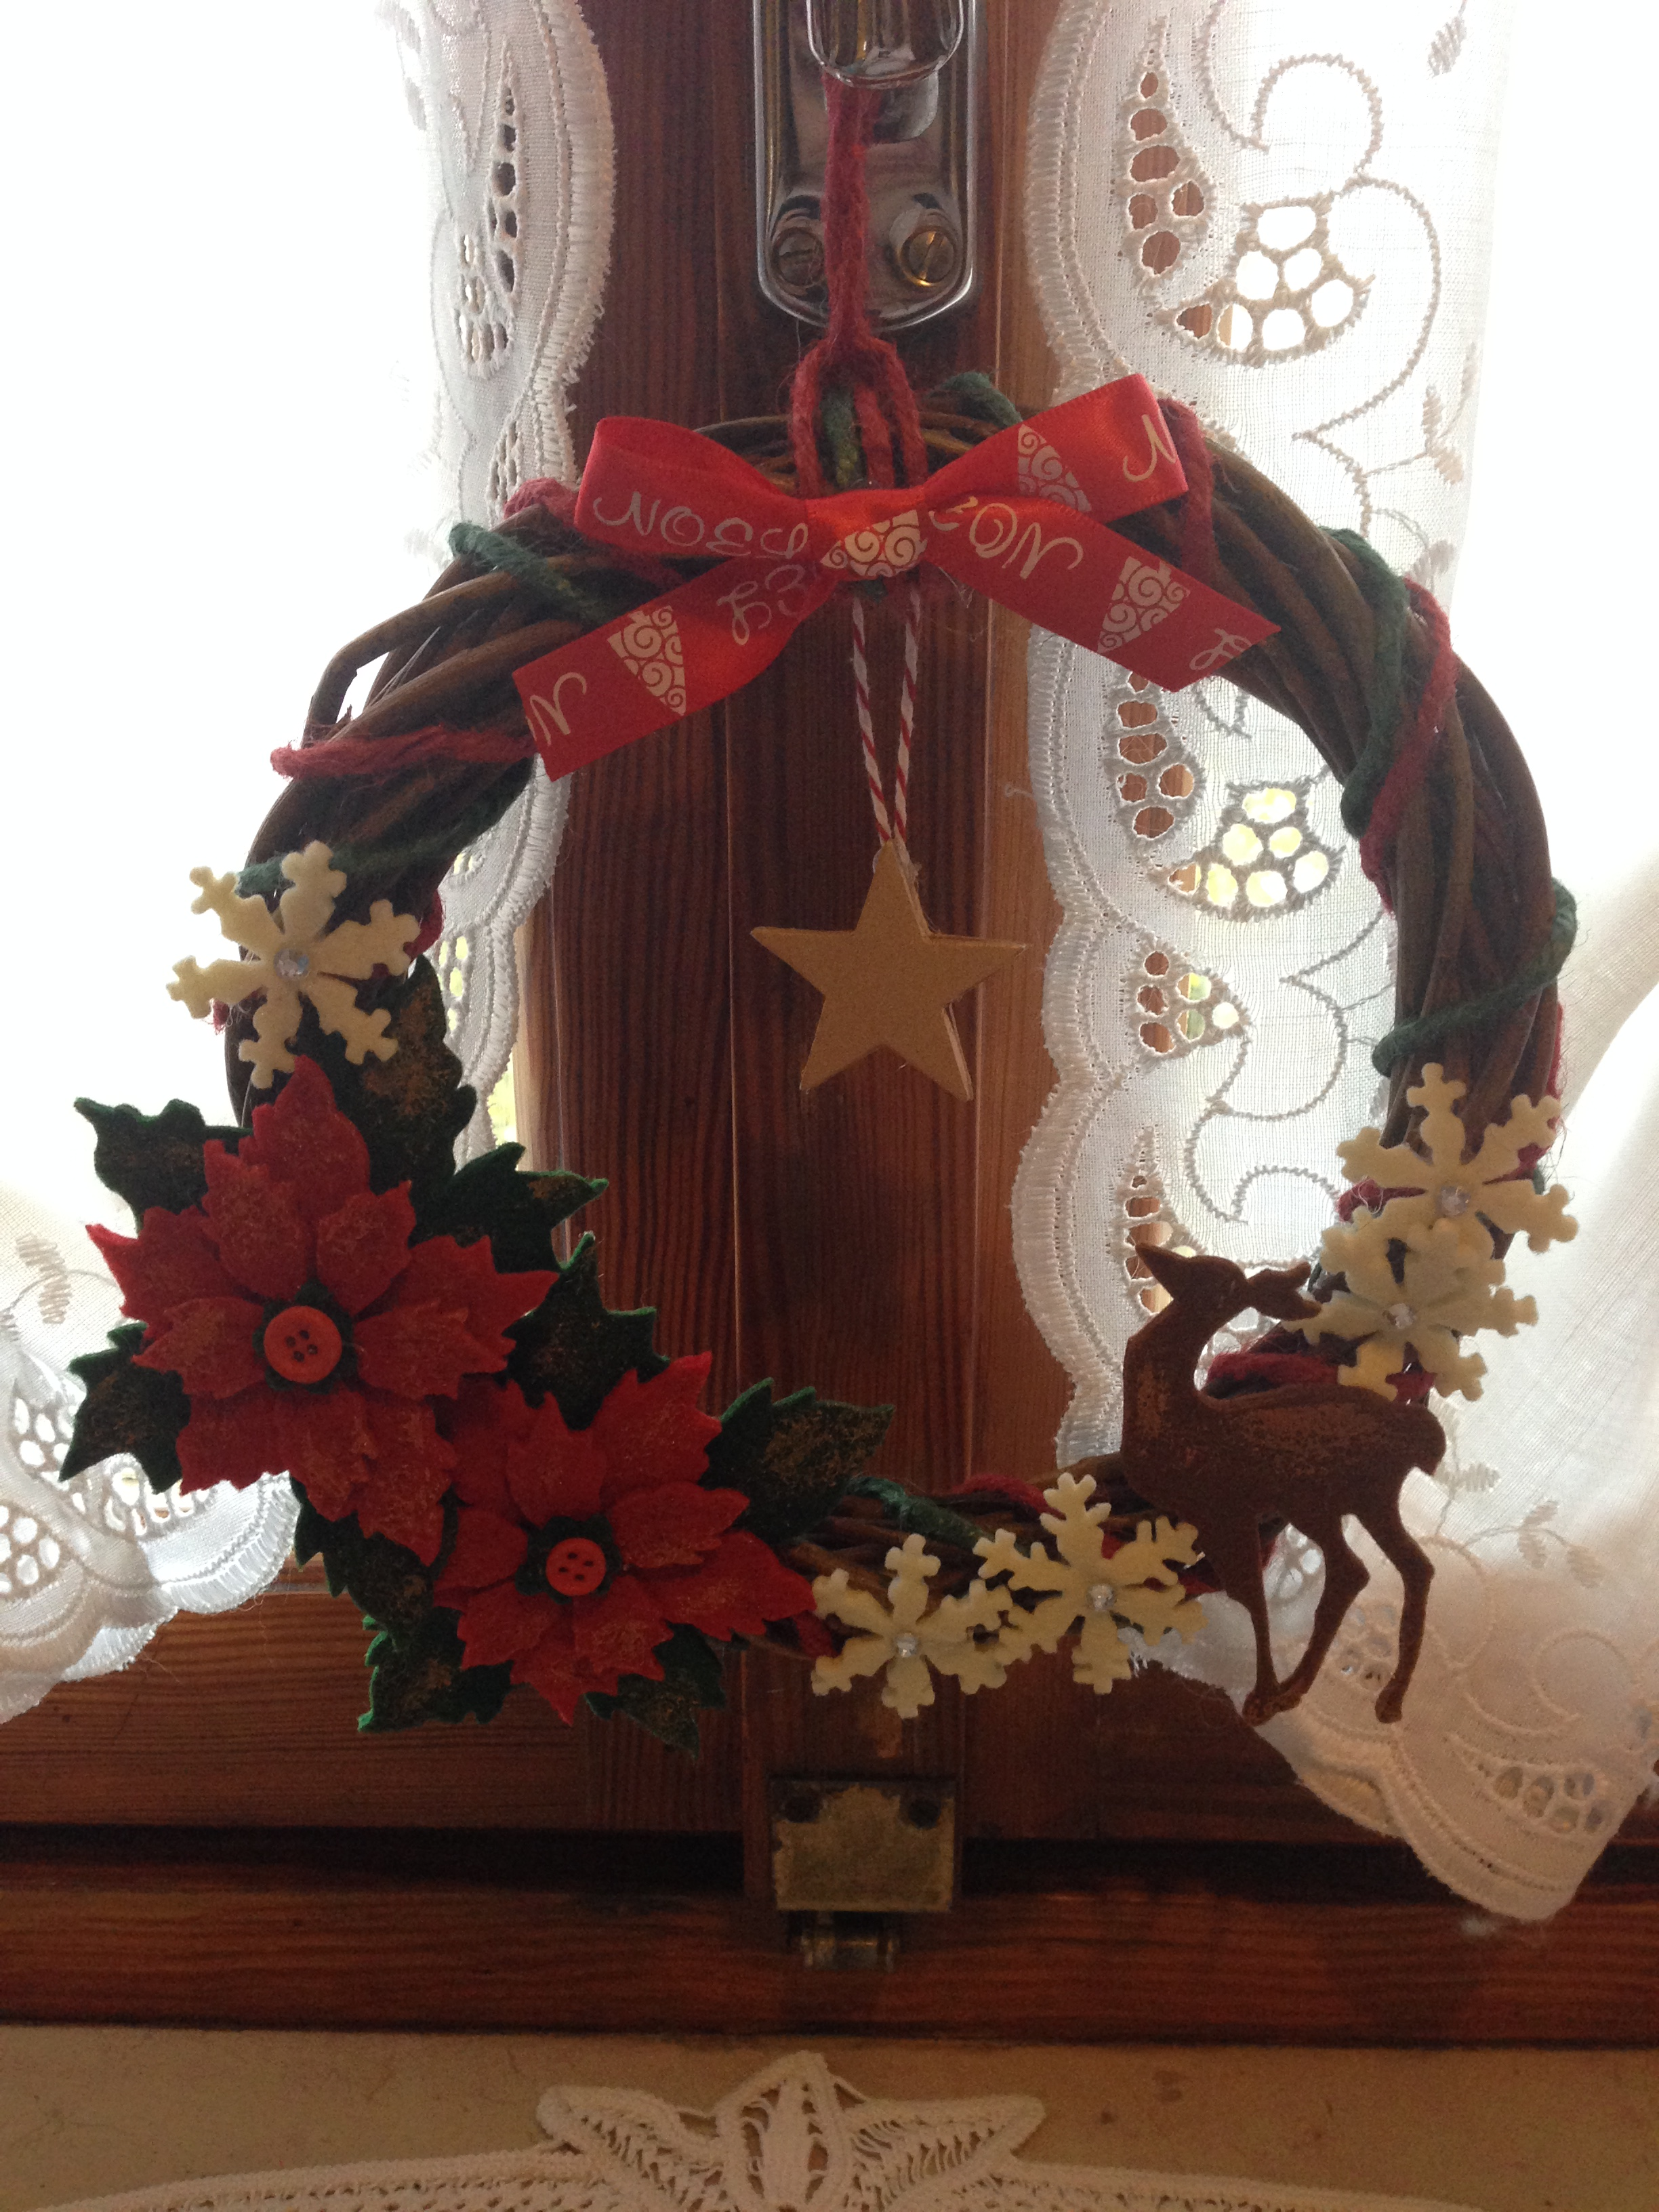 Un ghirlanda di natale realizzata con la mitica big shot - Giornale porta portese annunci regali ...